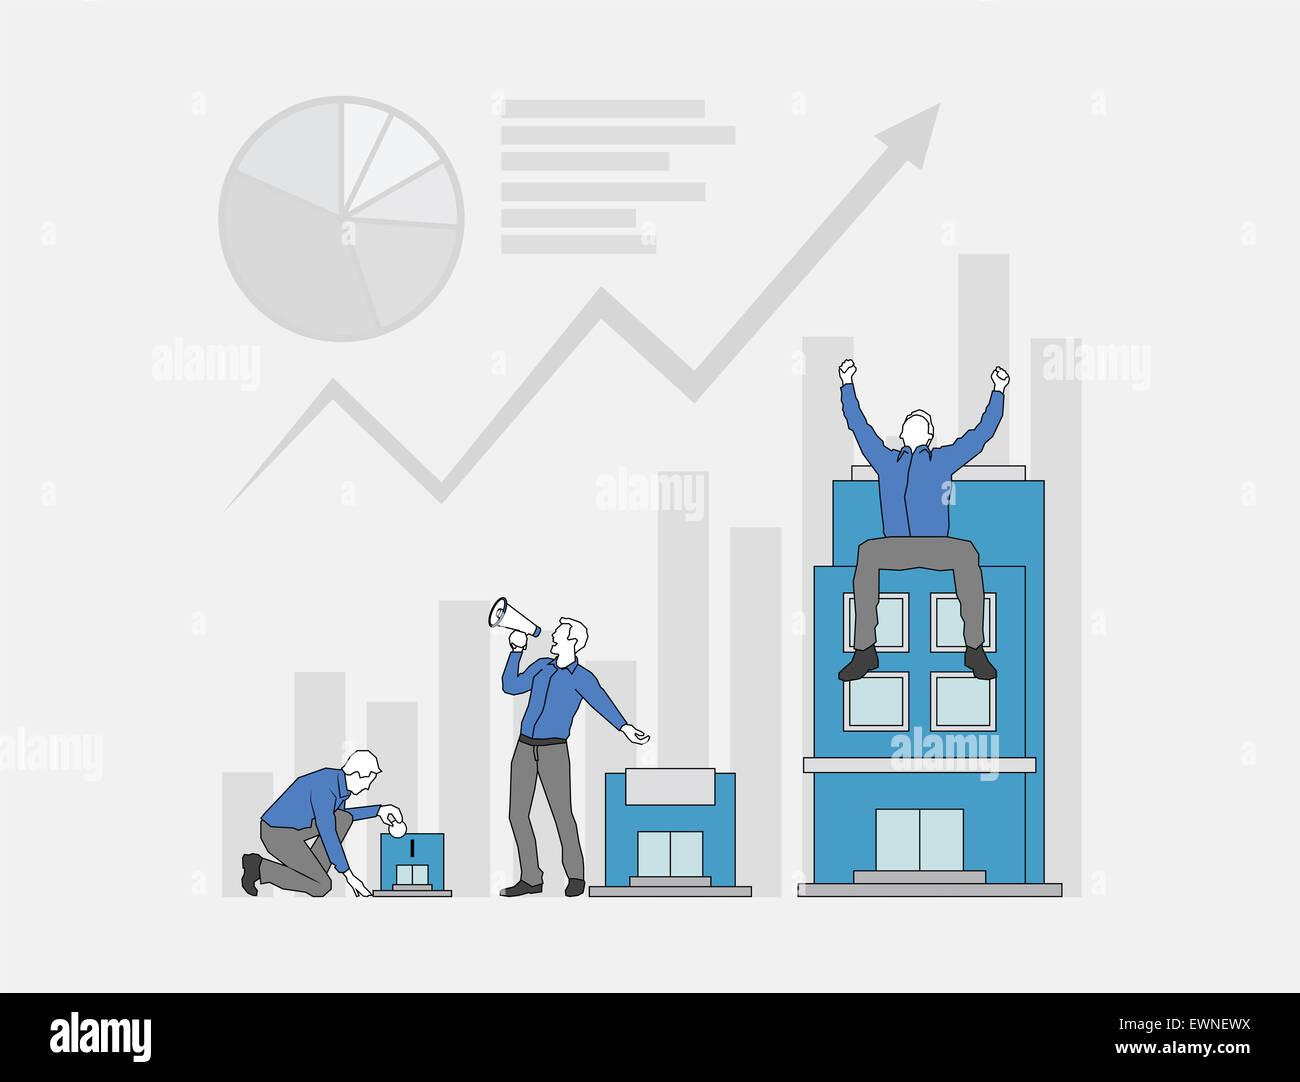 De multiples processus de croissance des bénéfices des entreprises Photo Stock